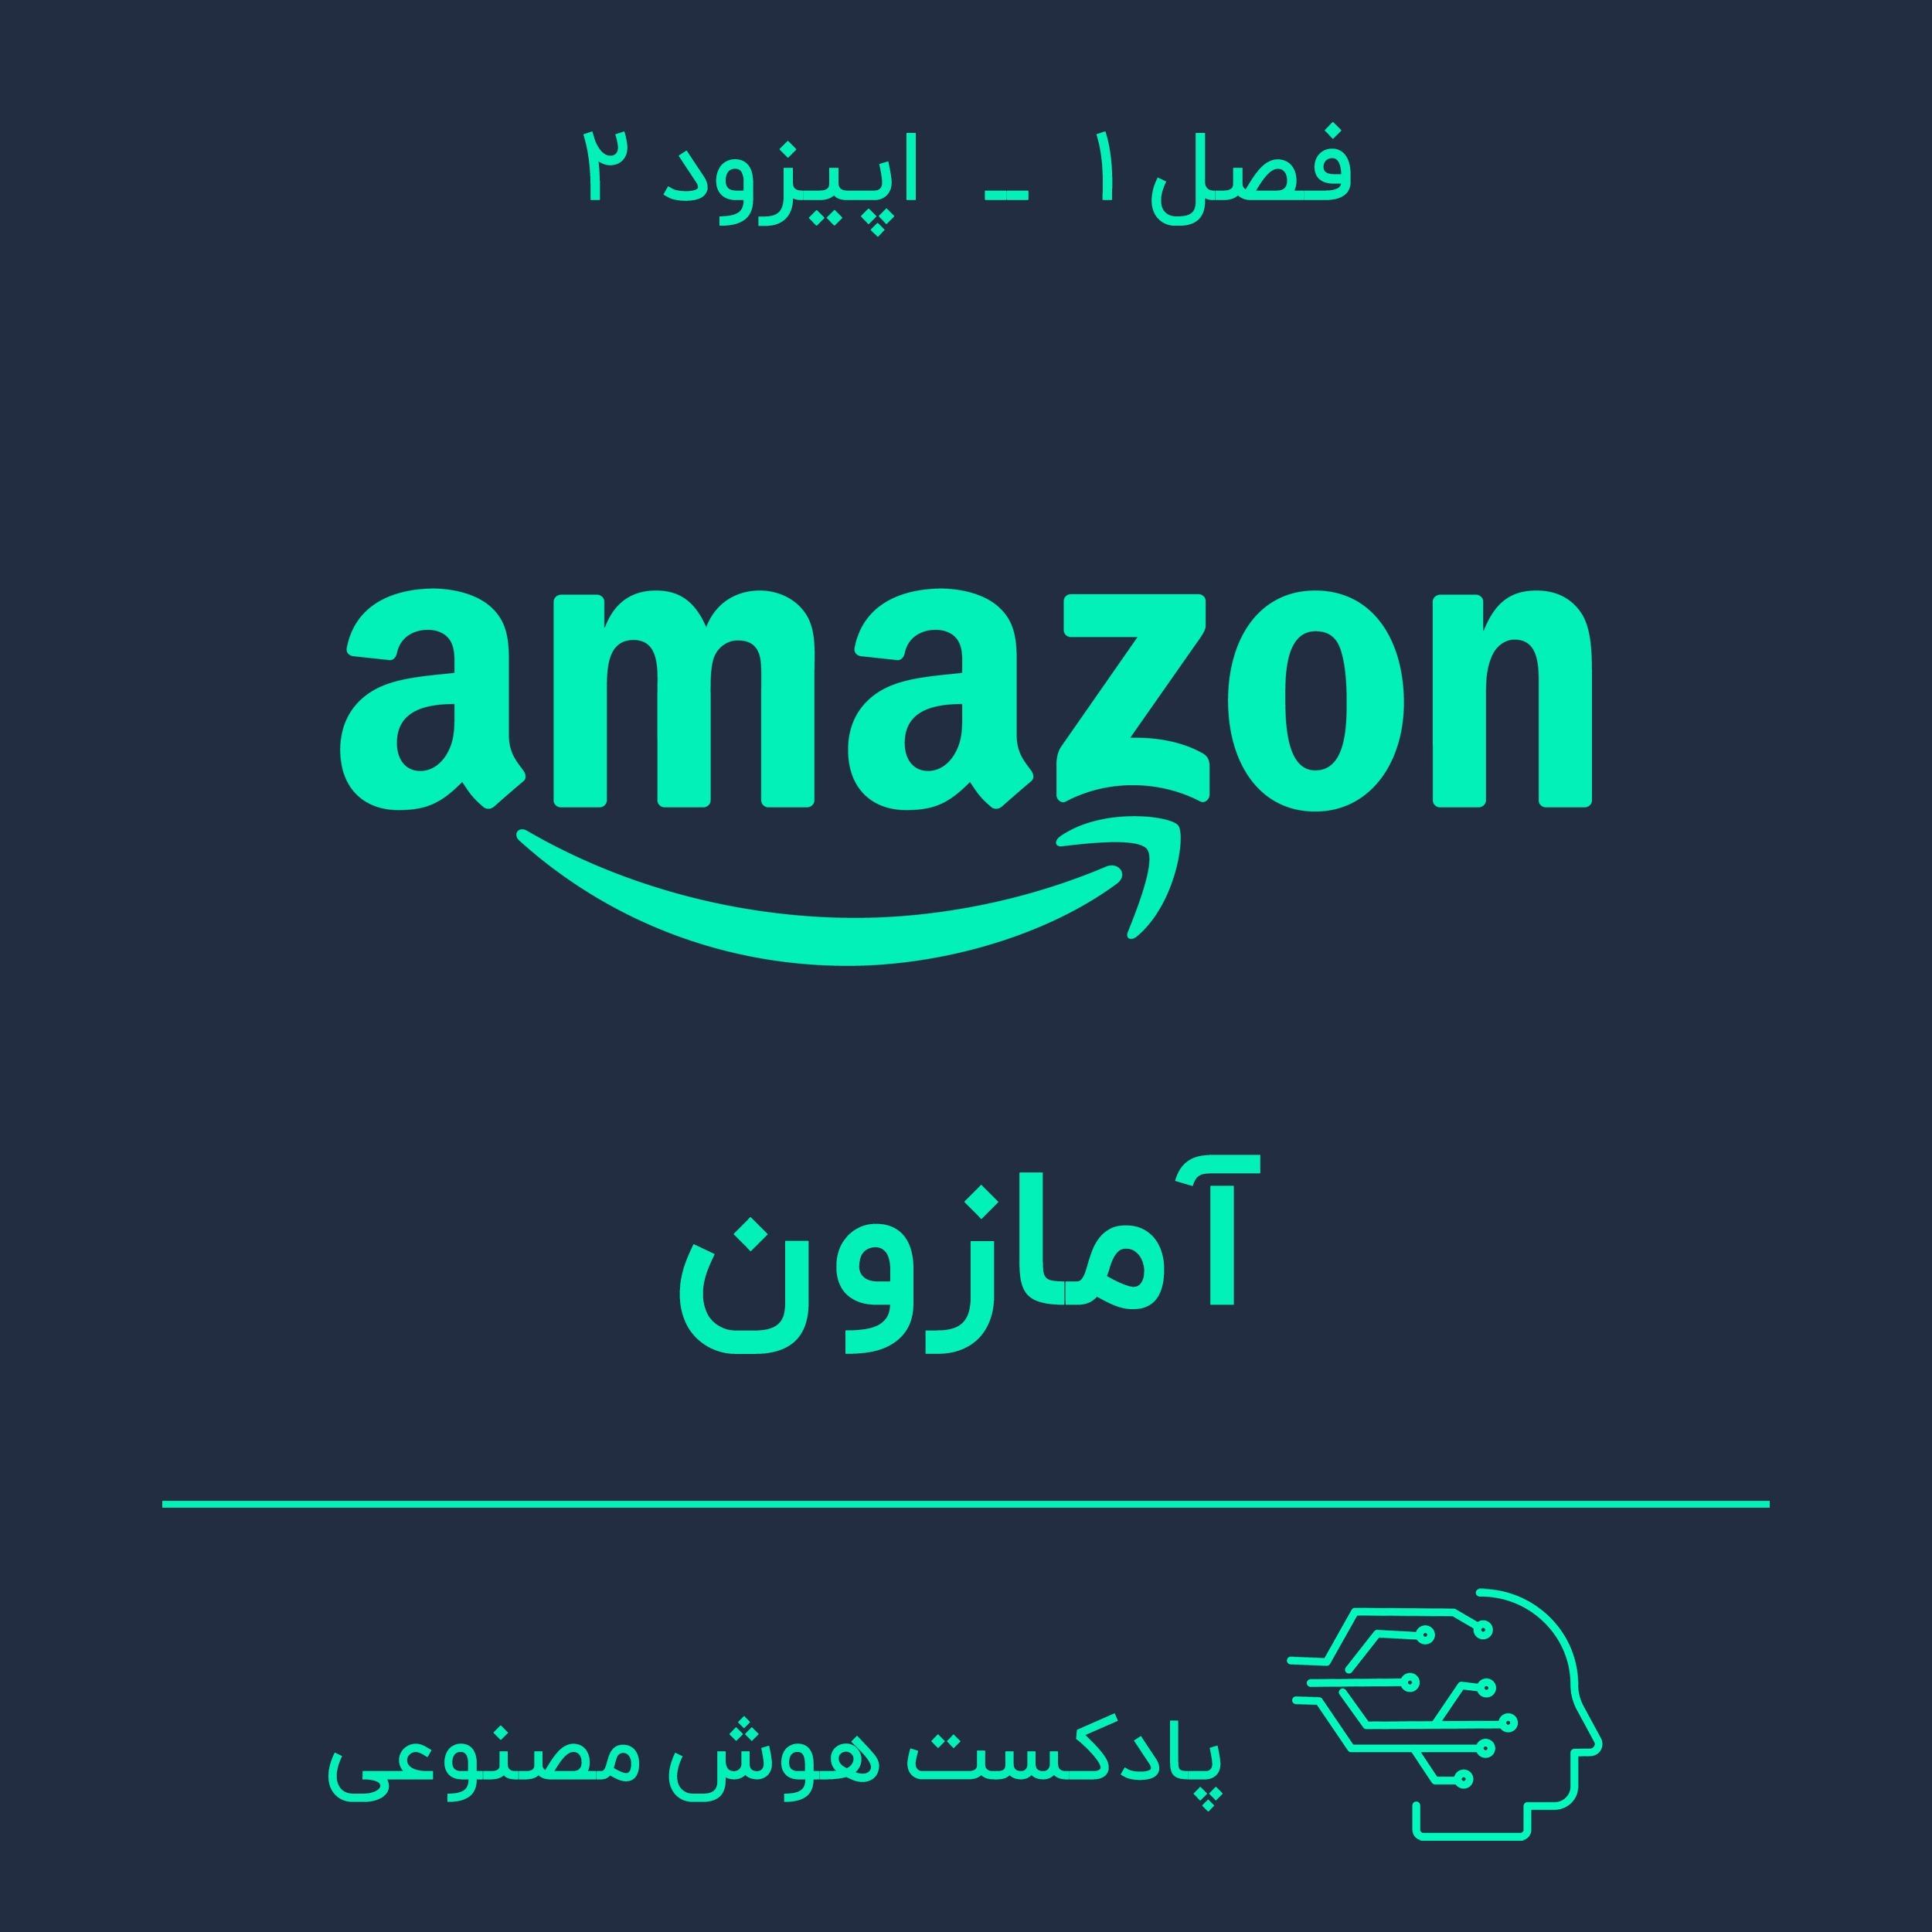 هوش مصنوعی در کسب و کار — بخش دوم: آمازون